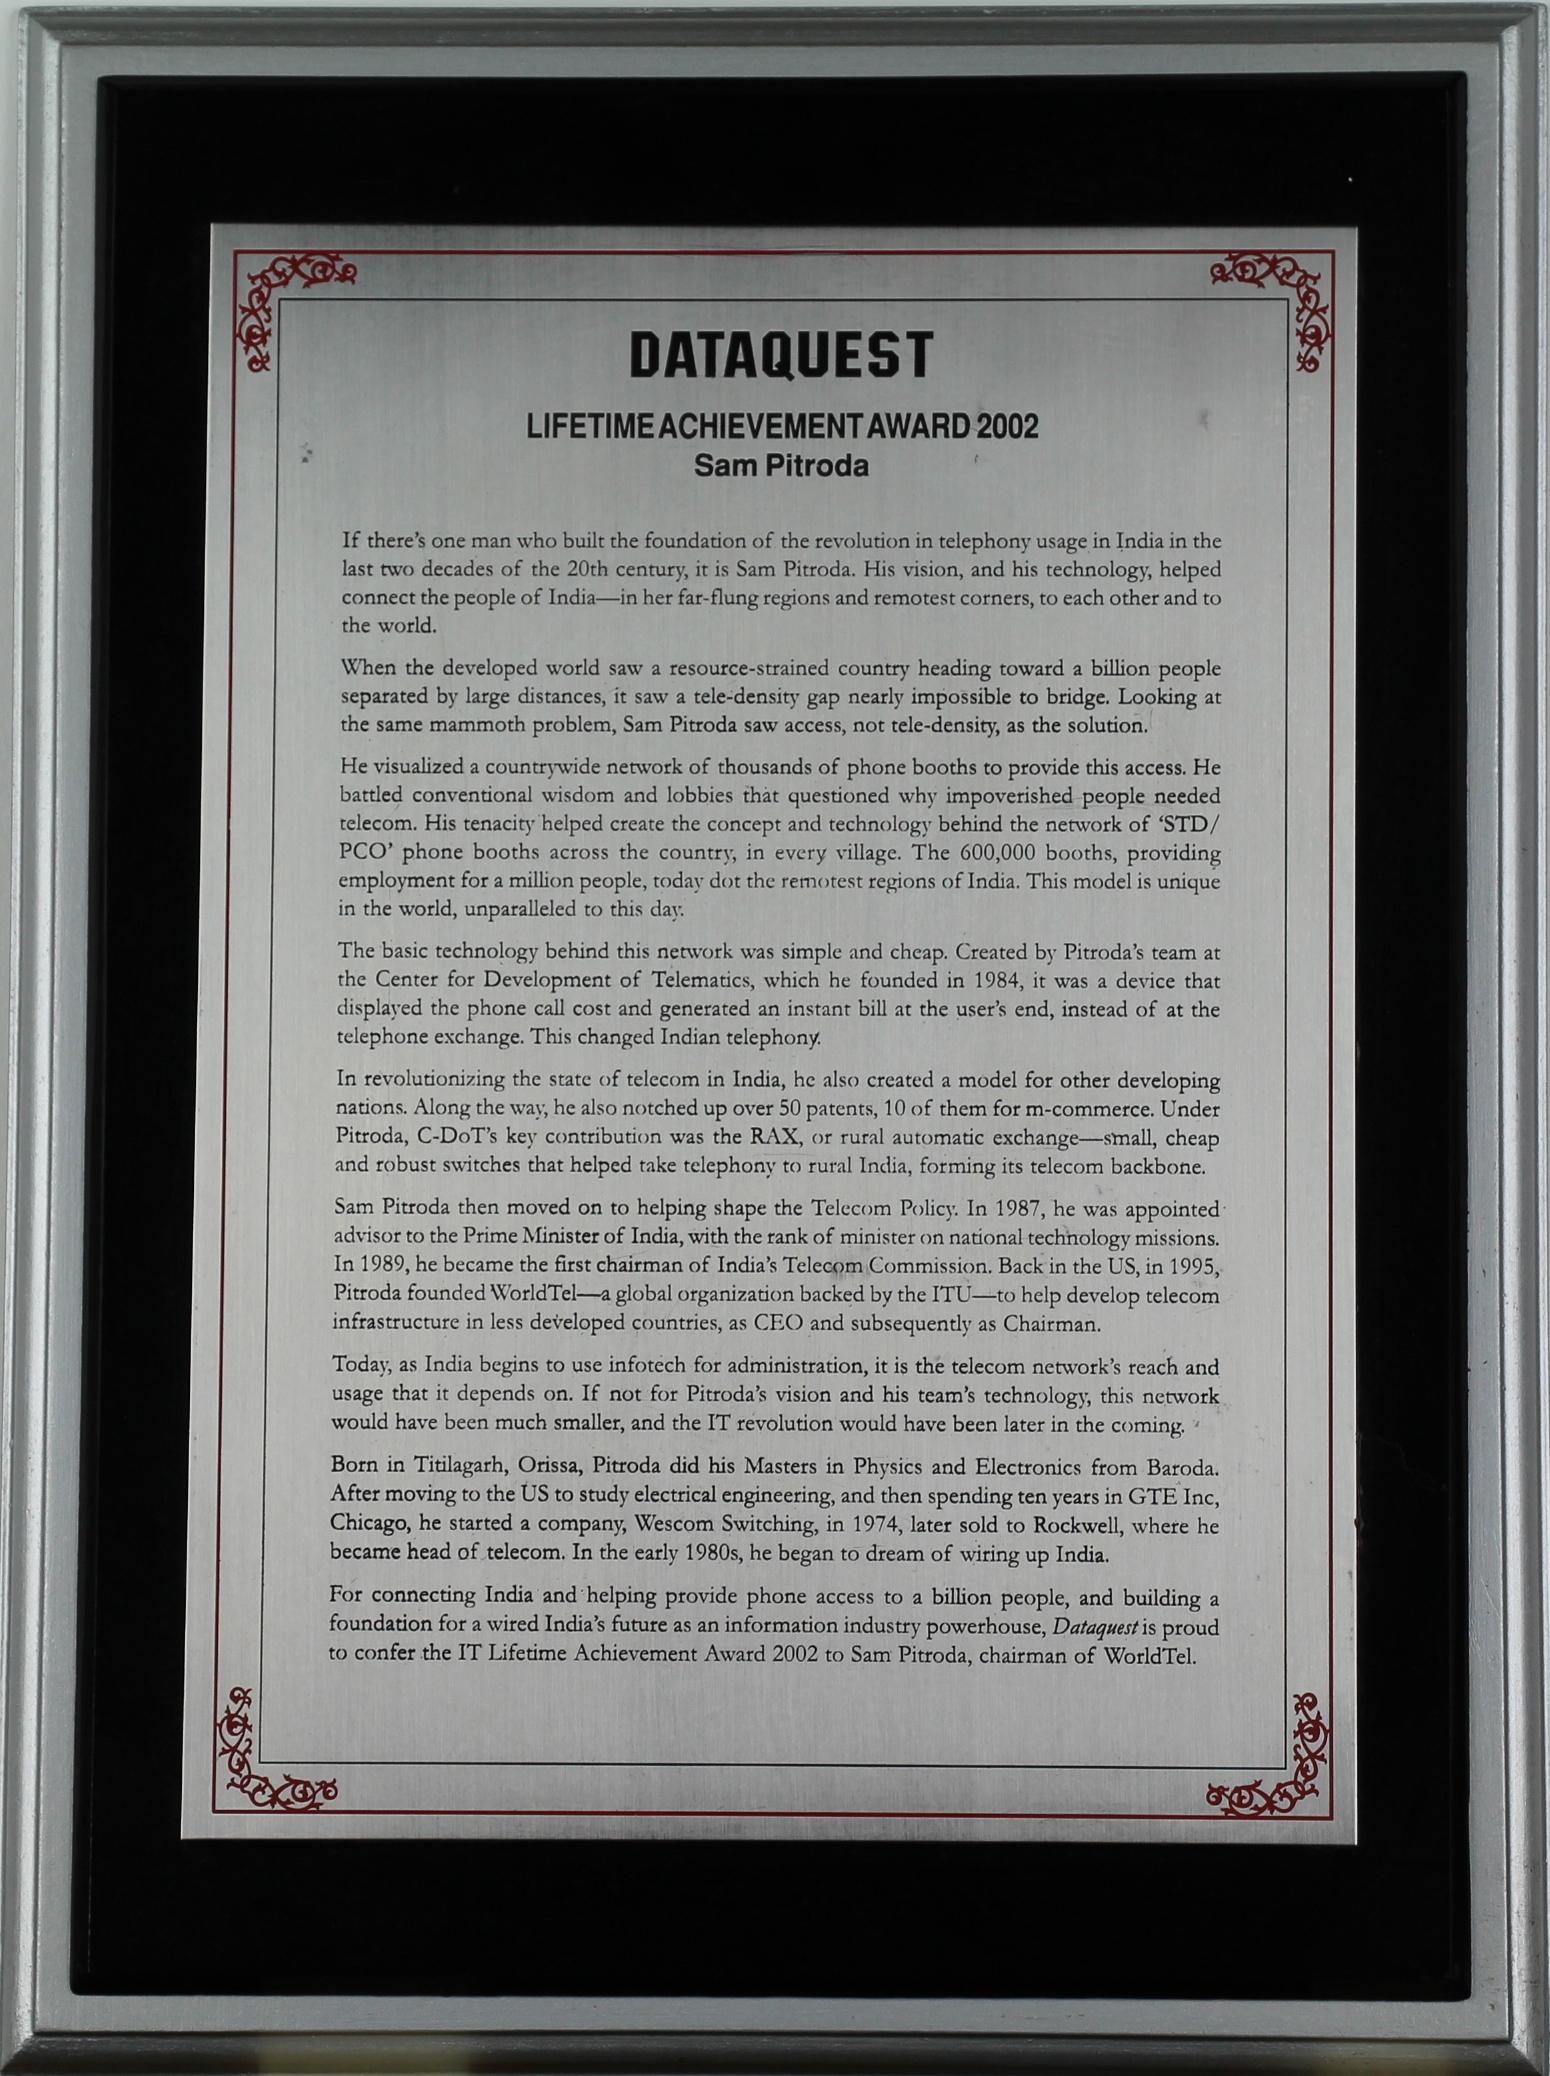 Lifetime Achievement Award, Dataquest, 2002